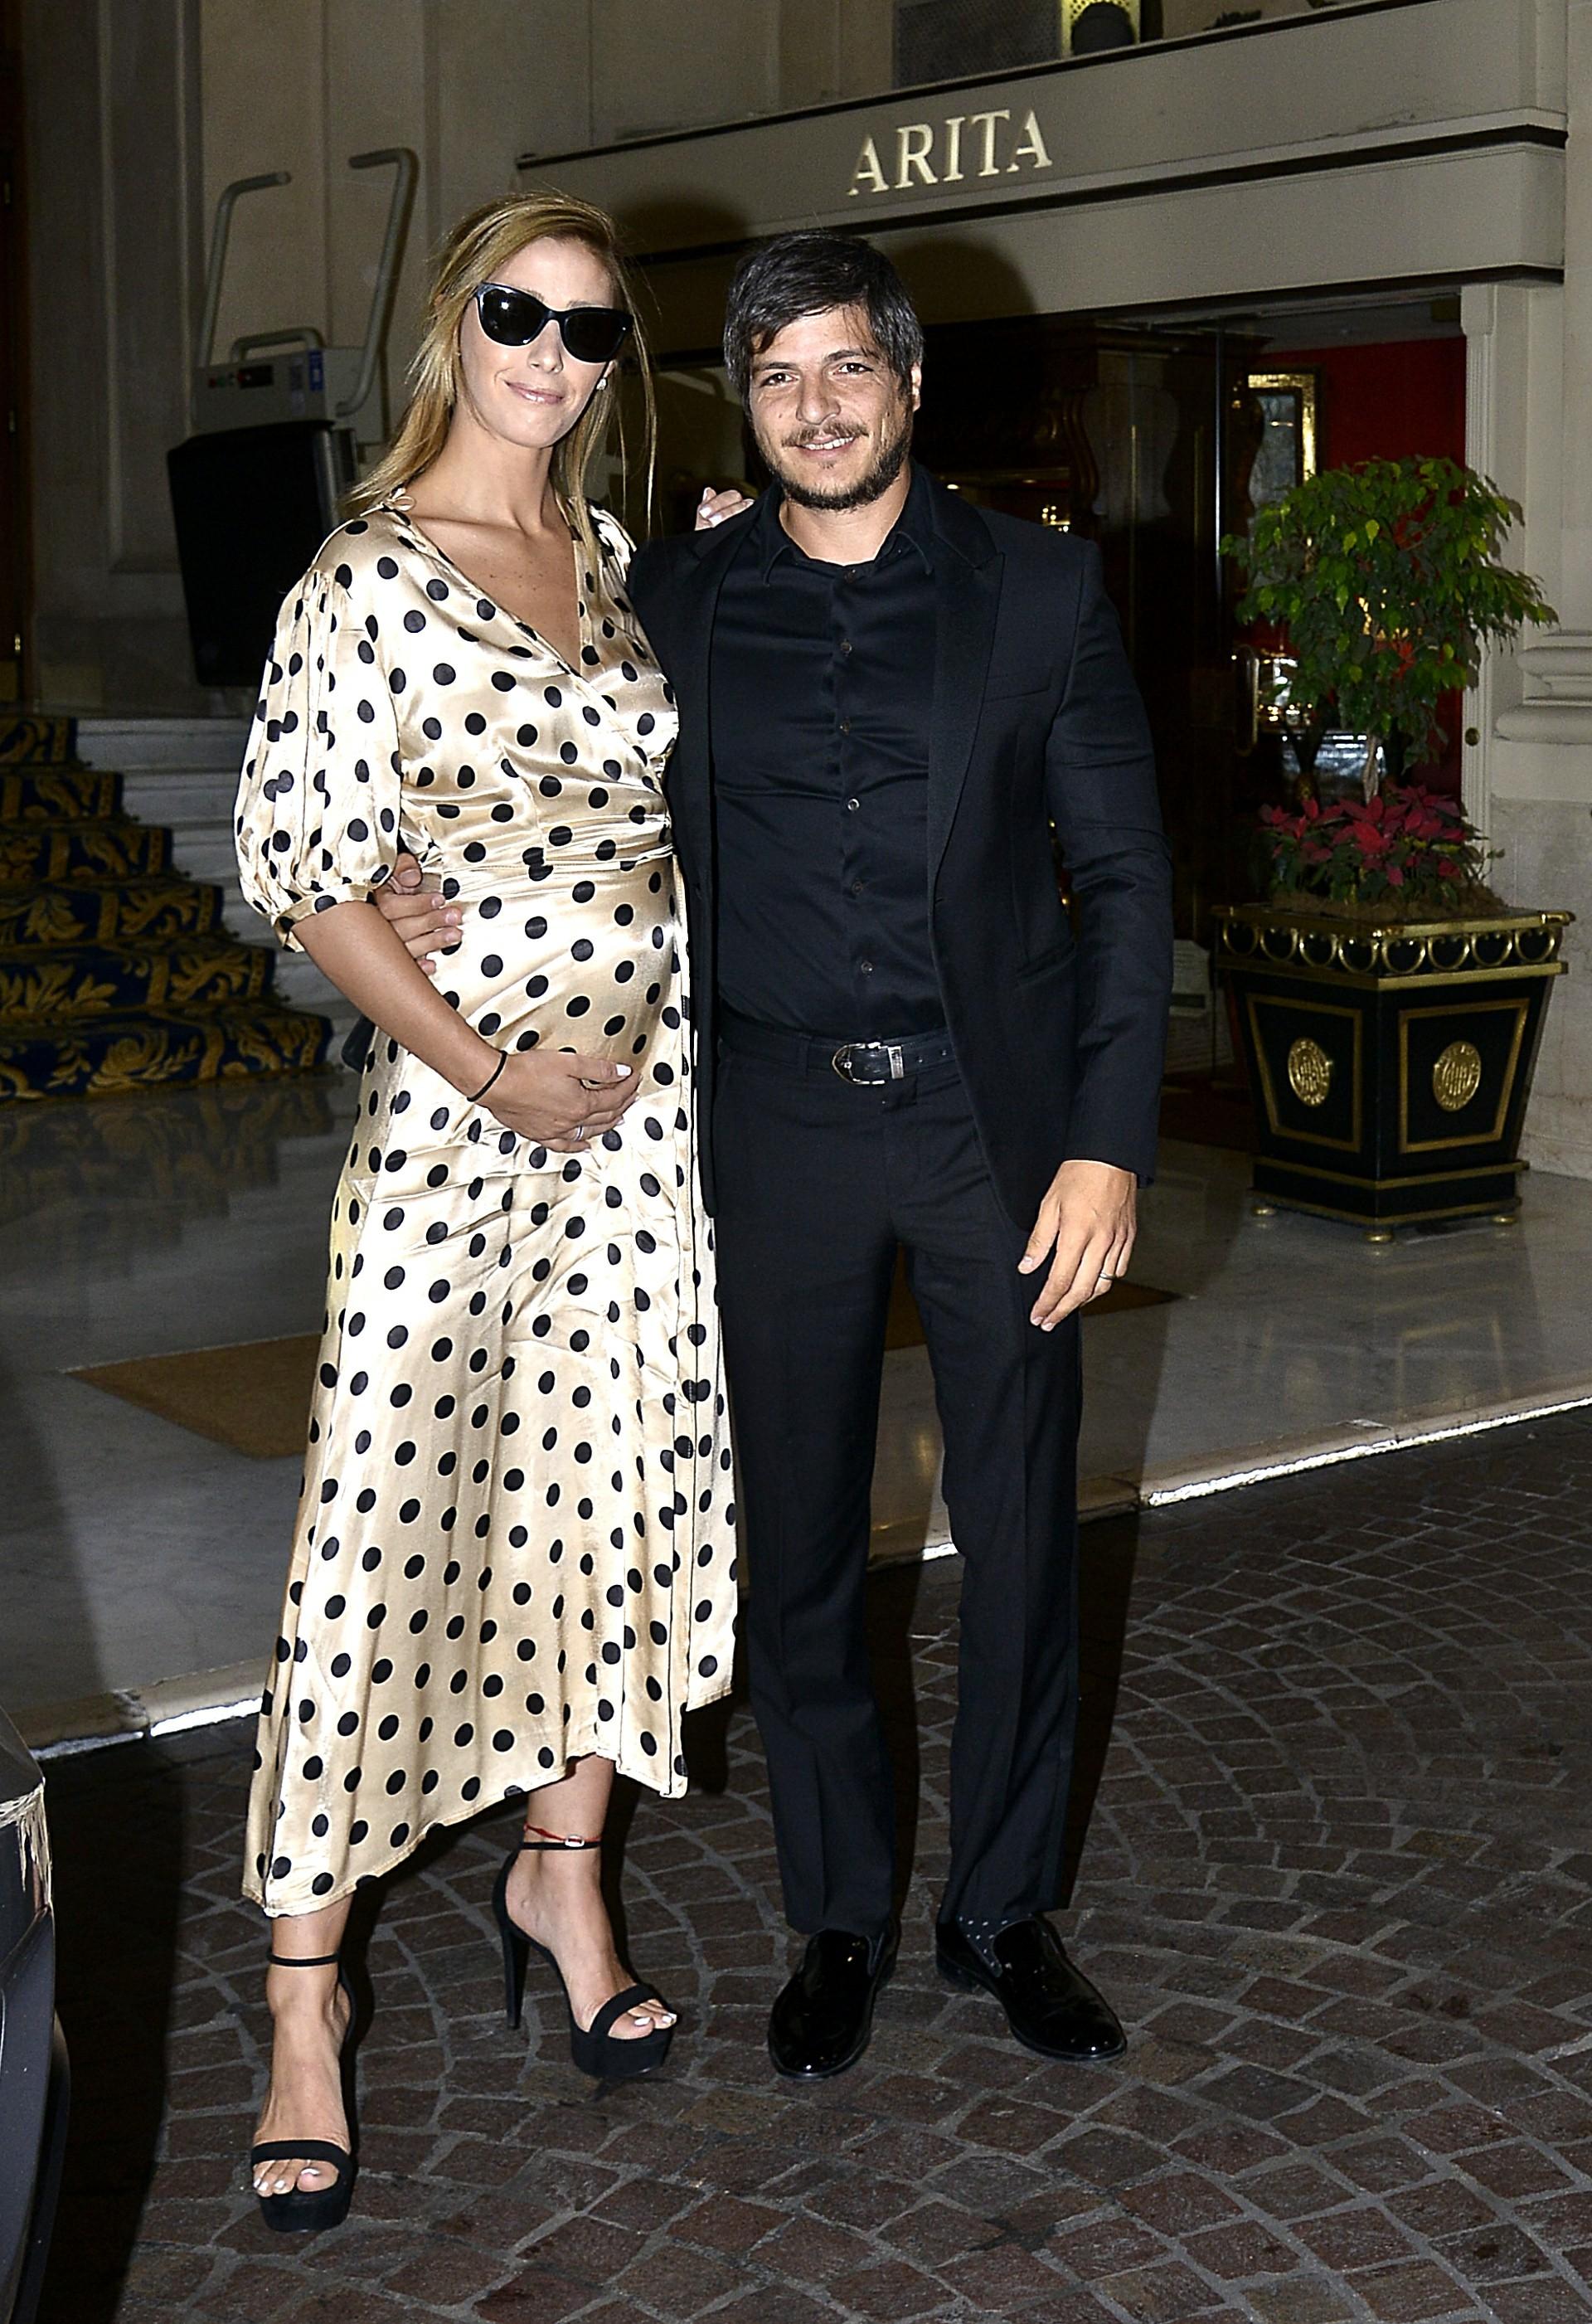 Tomás Costantini, hijo del empresario, y su mujer Micaela Dalla Libera, hija del ex futbolista Mariano Dalla Libera